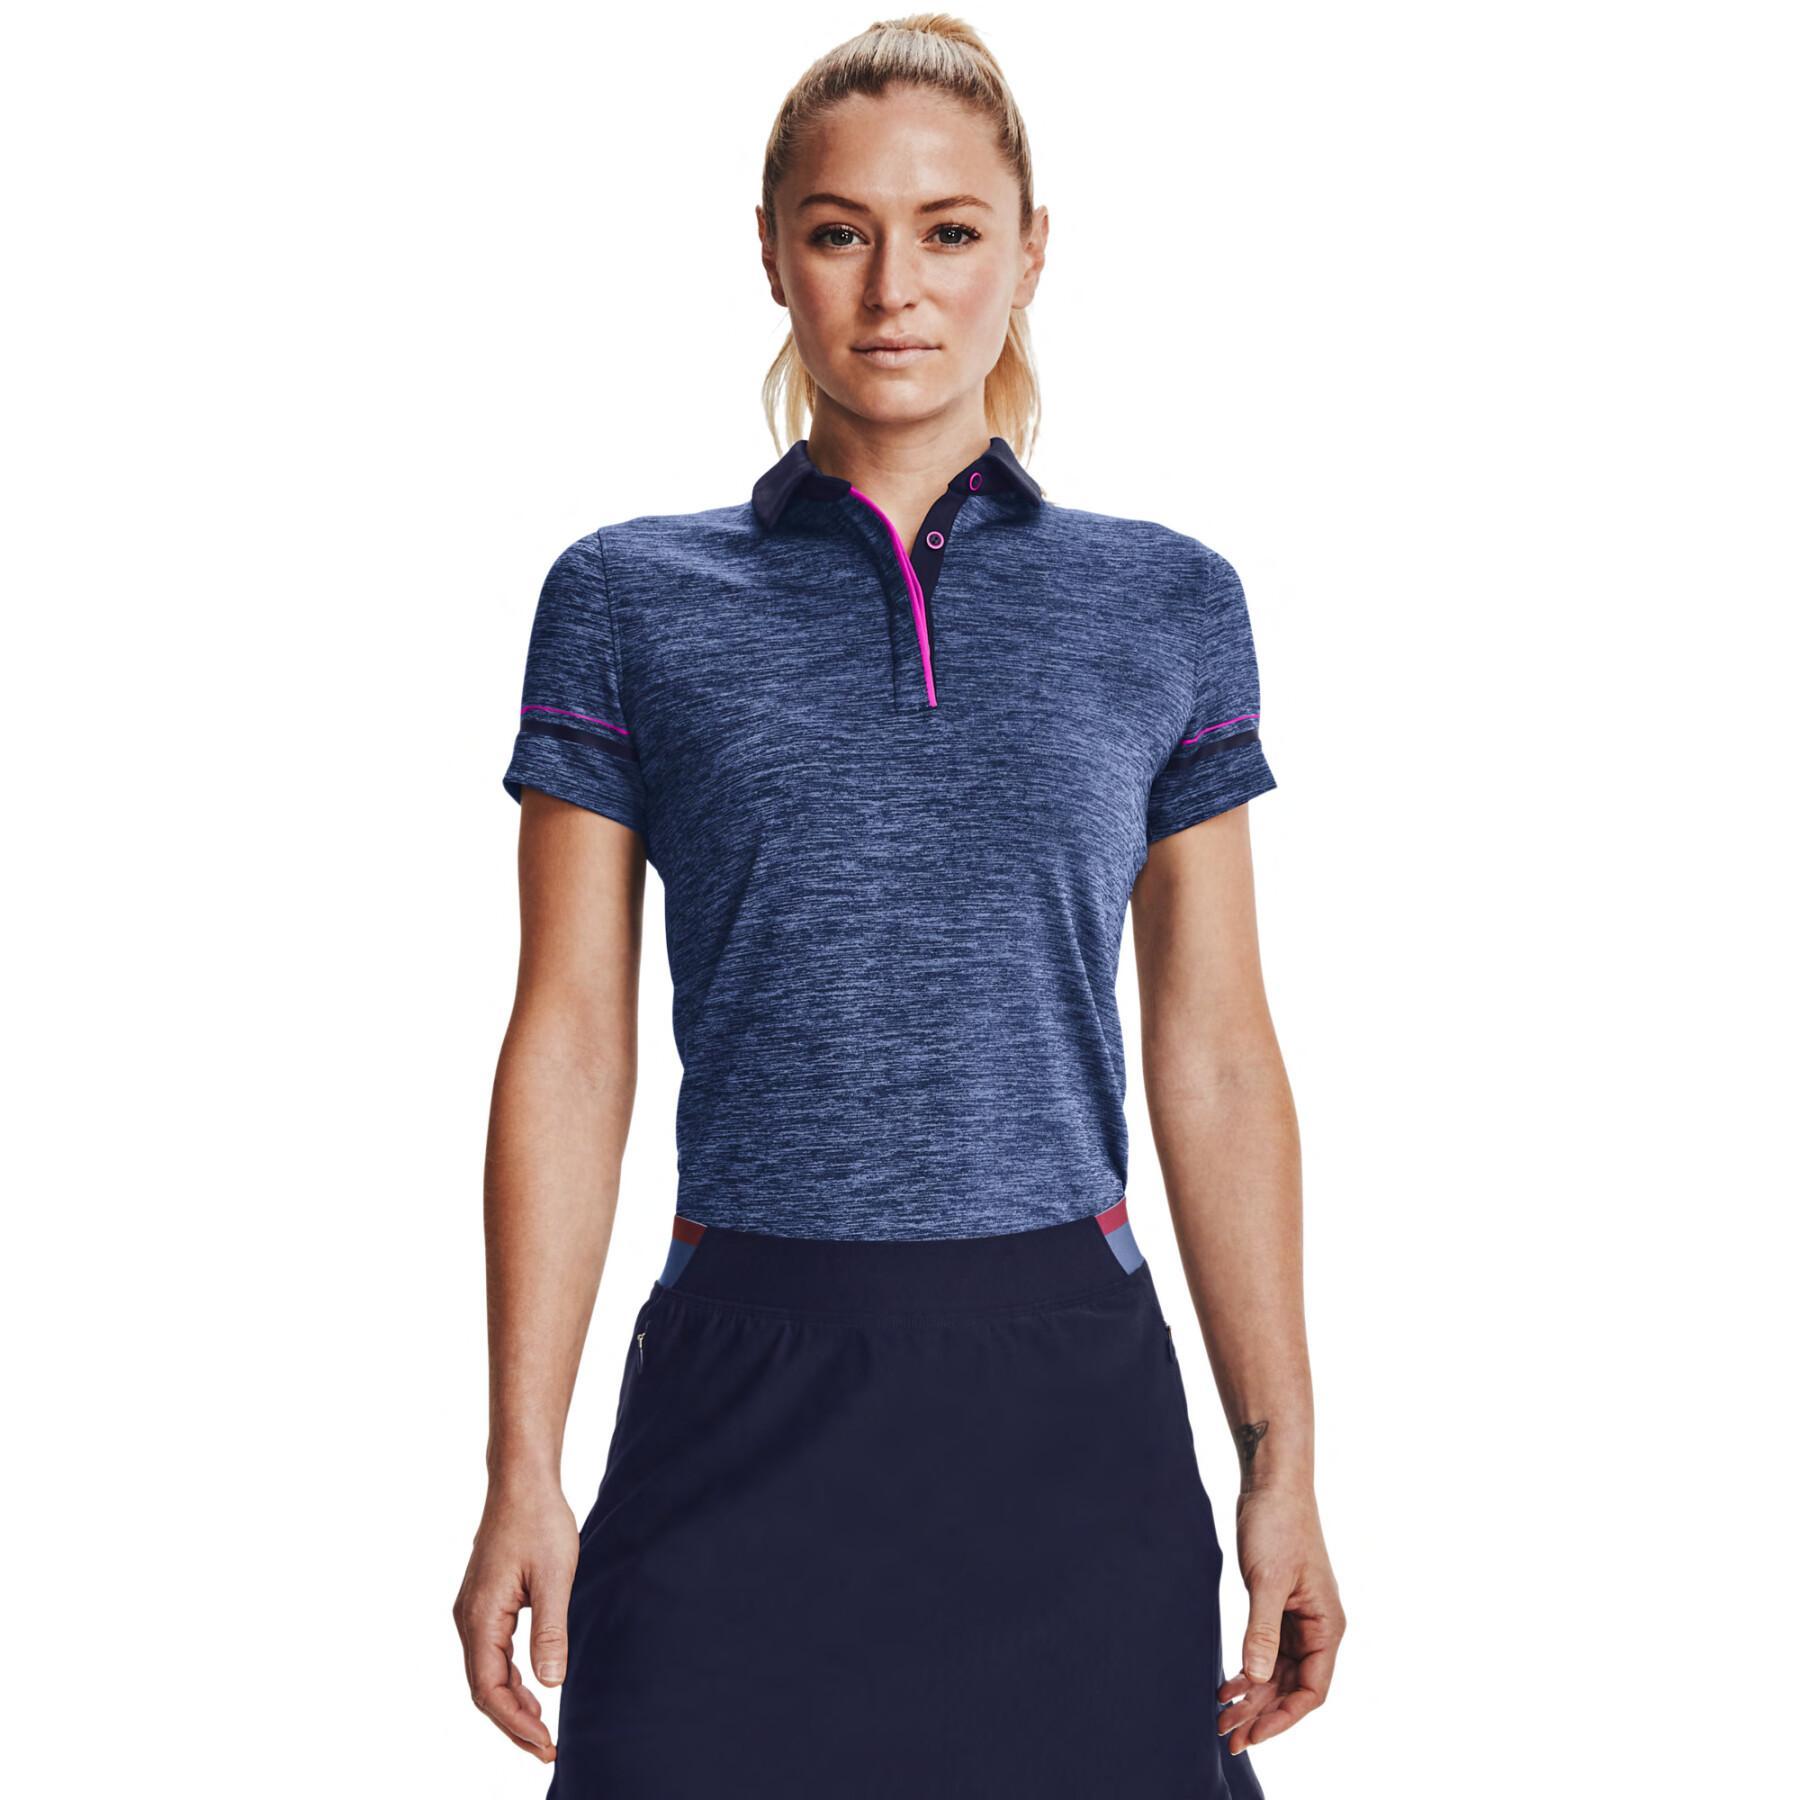 Damen-Poloshirt Under Armour Zinger